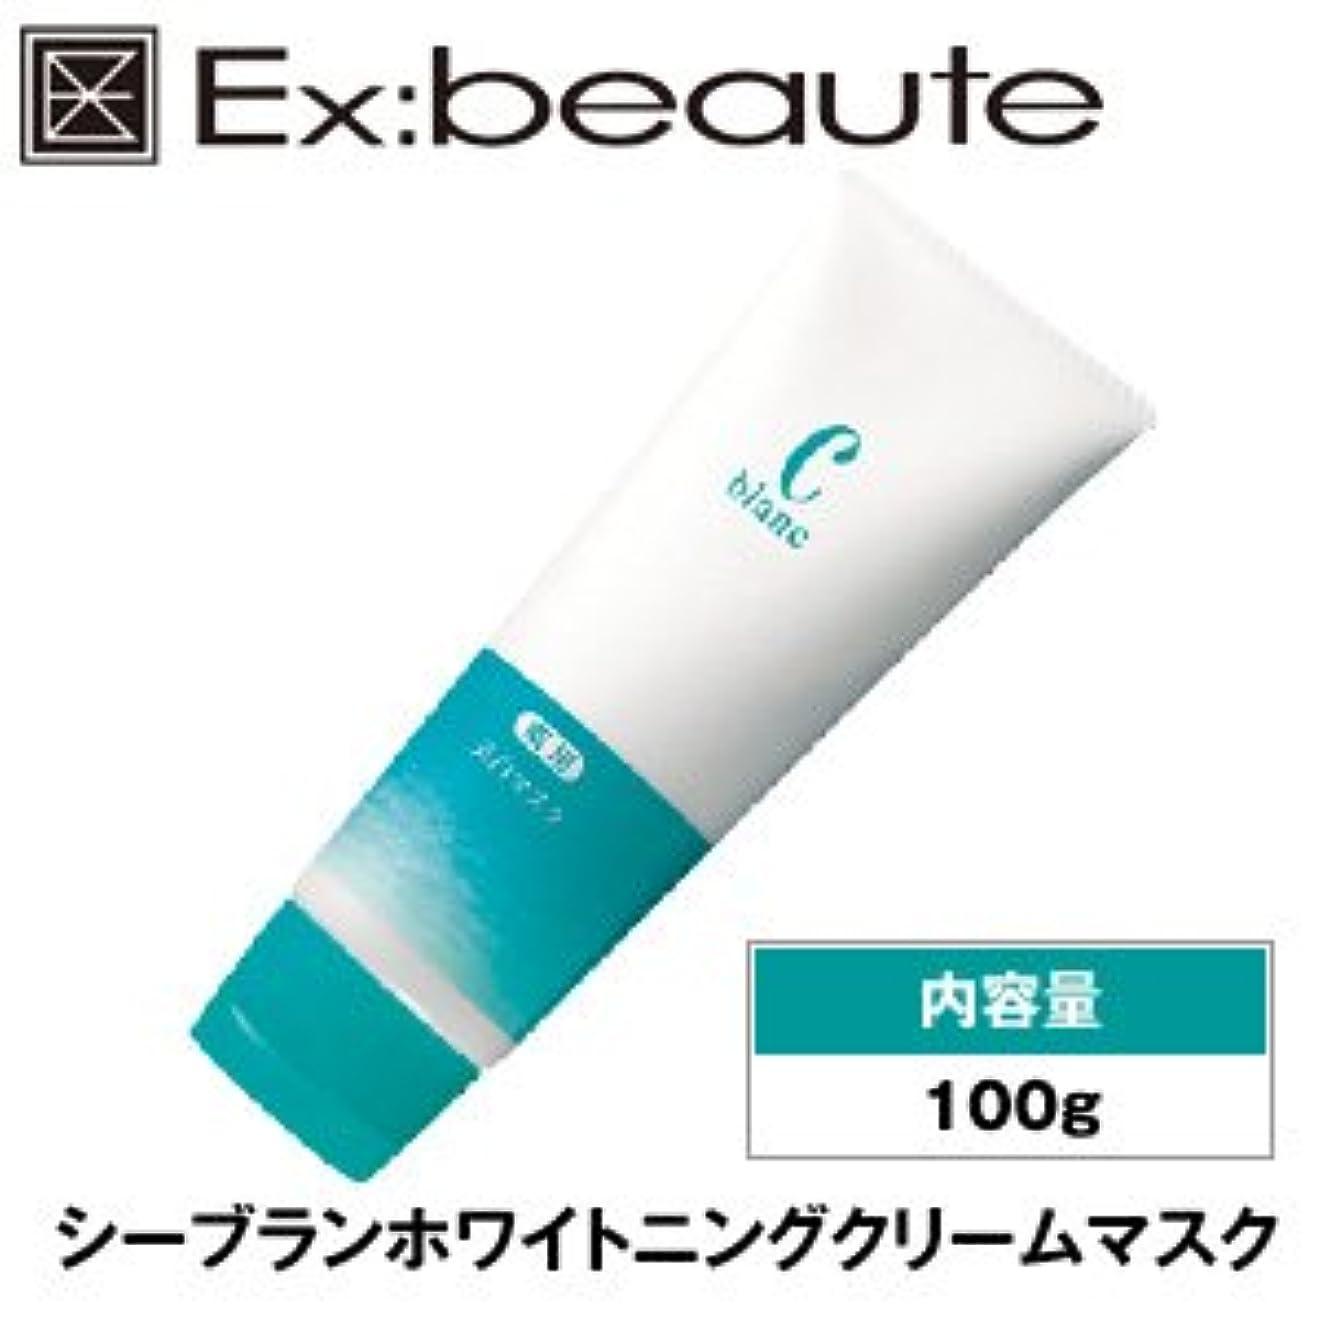 キャッチ人物鋭くEx:beaute (エクスボーテ) シーブラン ホワイトニングクリームマスク